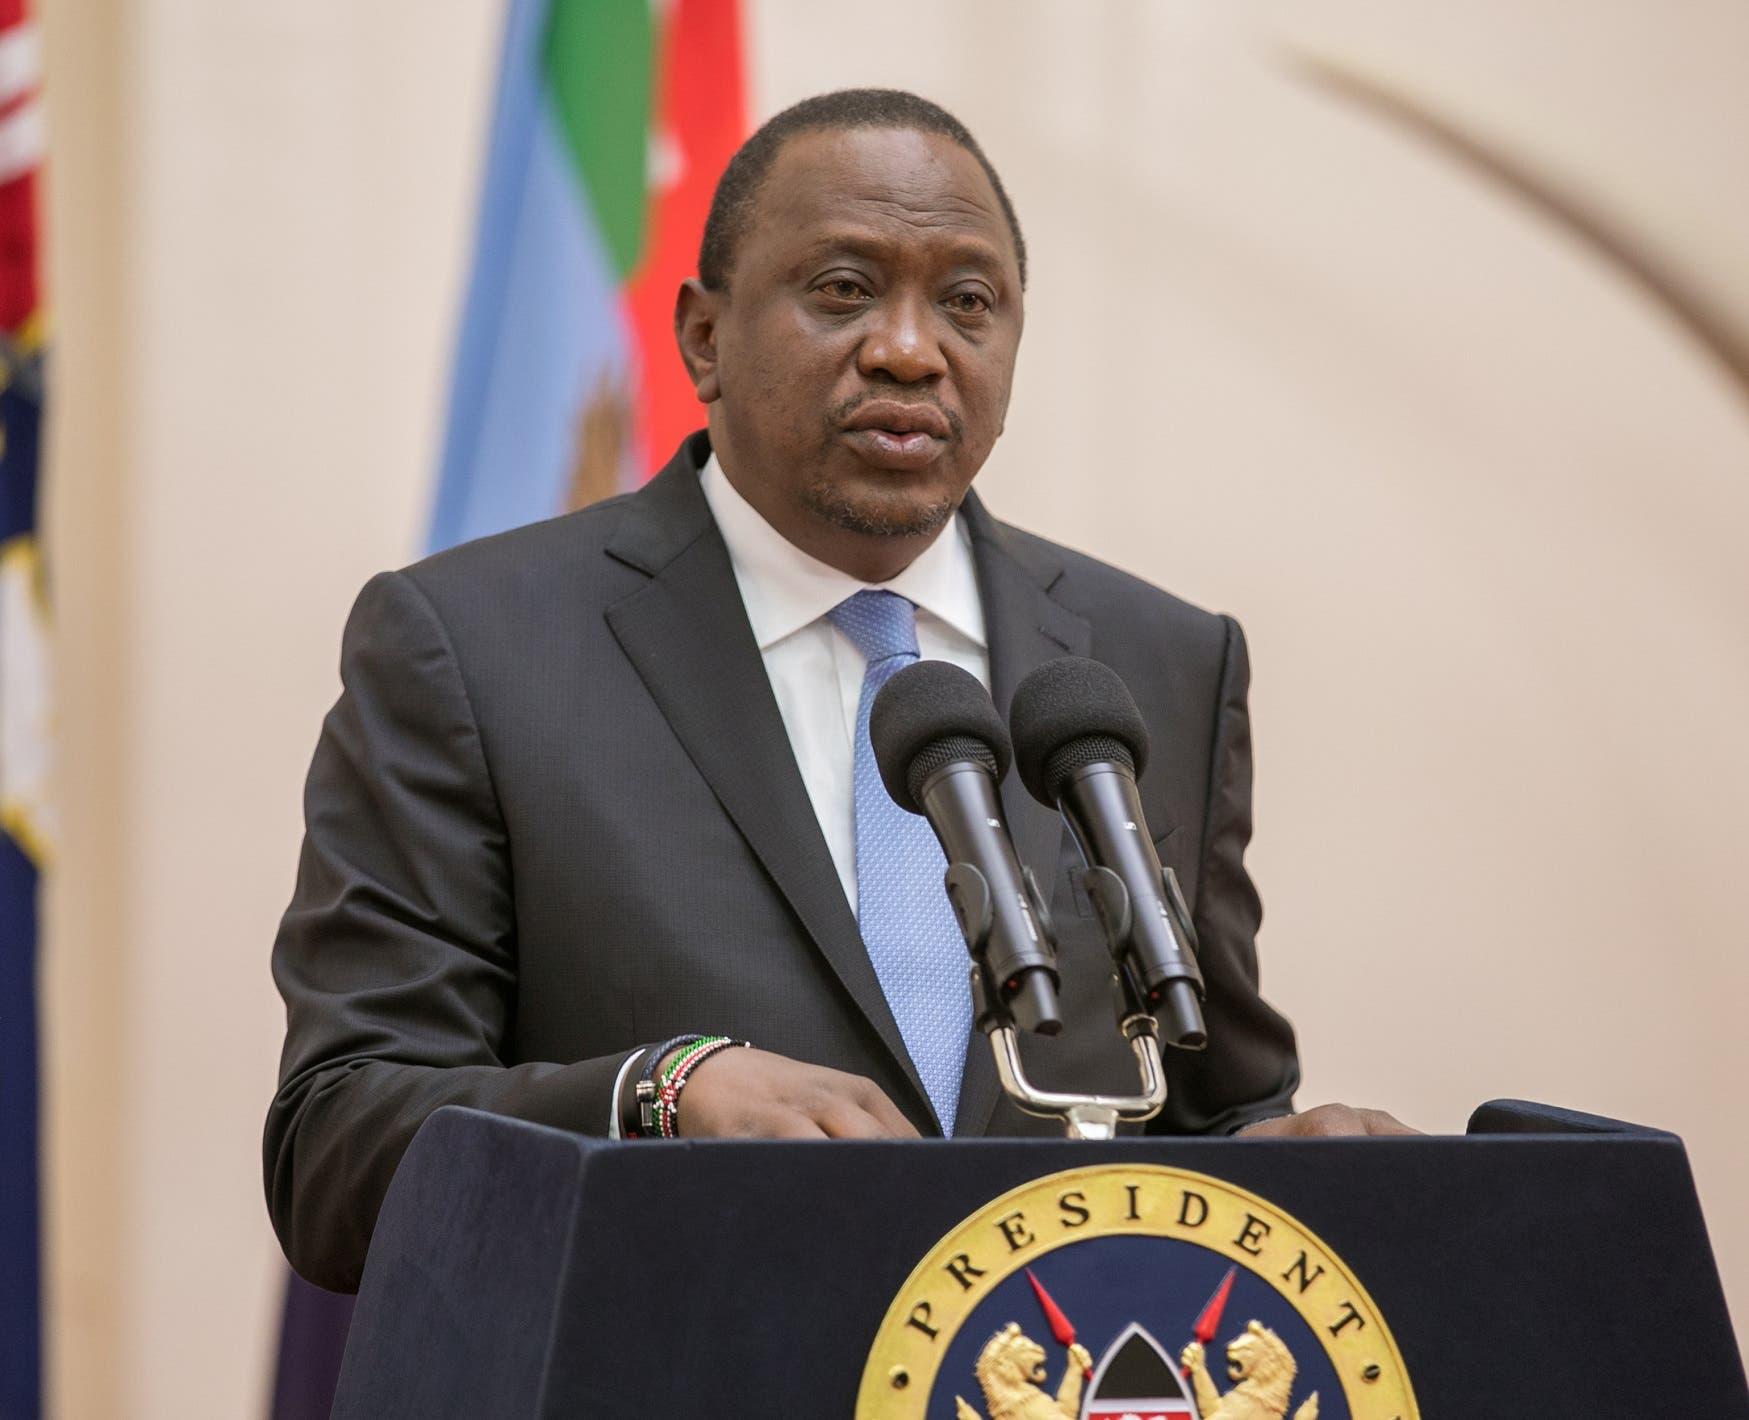 Kenya oo war cusub oo yaab leh kasoo saartay la bixida ciidamadeeda ee Somalia